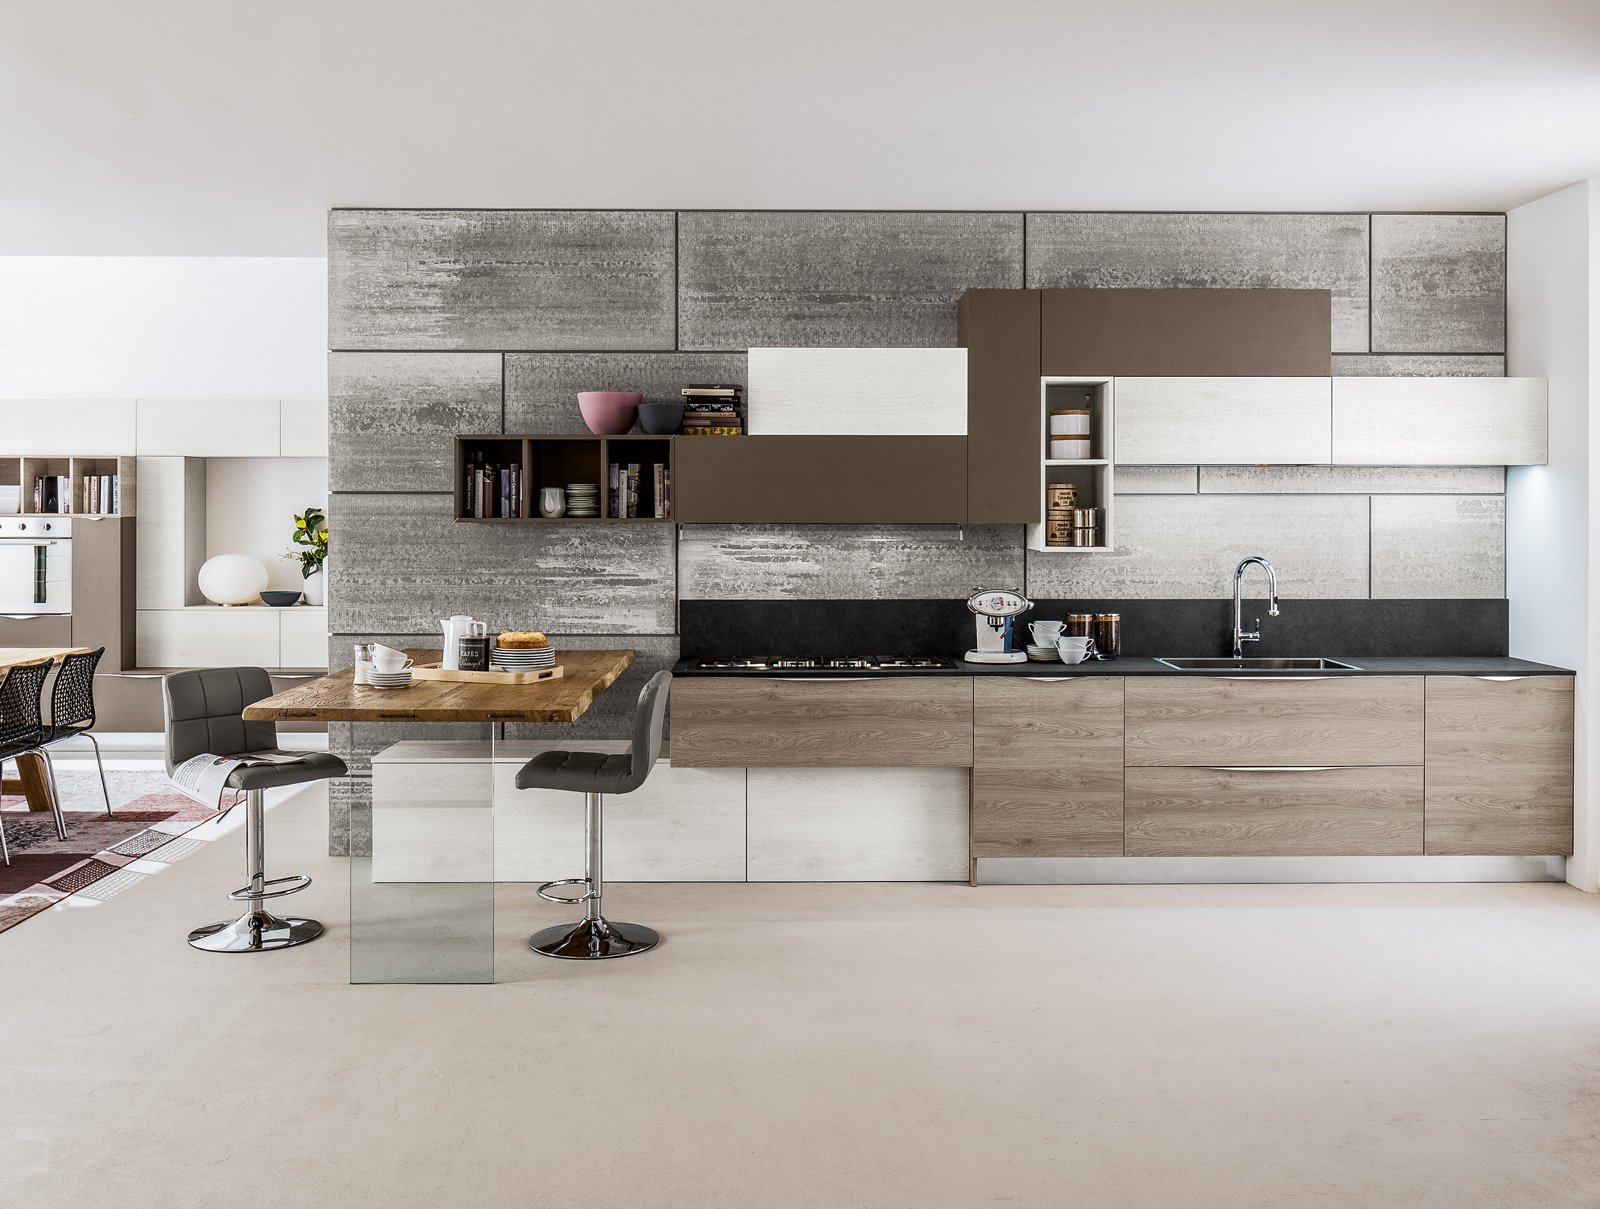 cucine: tutto su una parete (o quasi) - cose di casa - Arrex Cucine Moderne